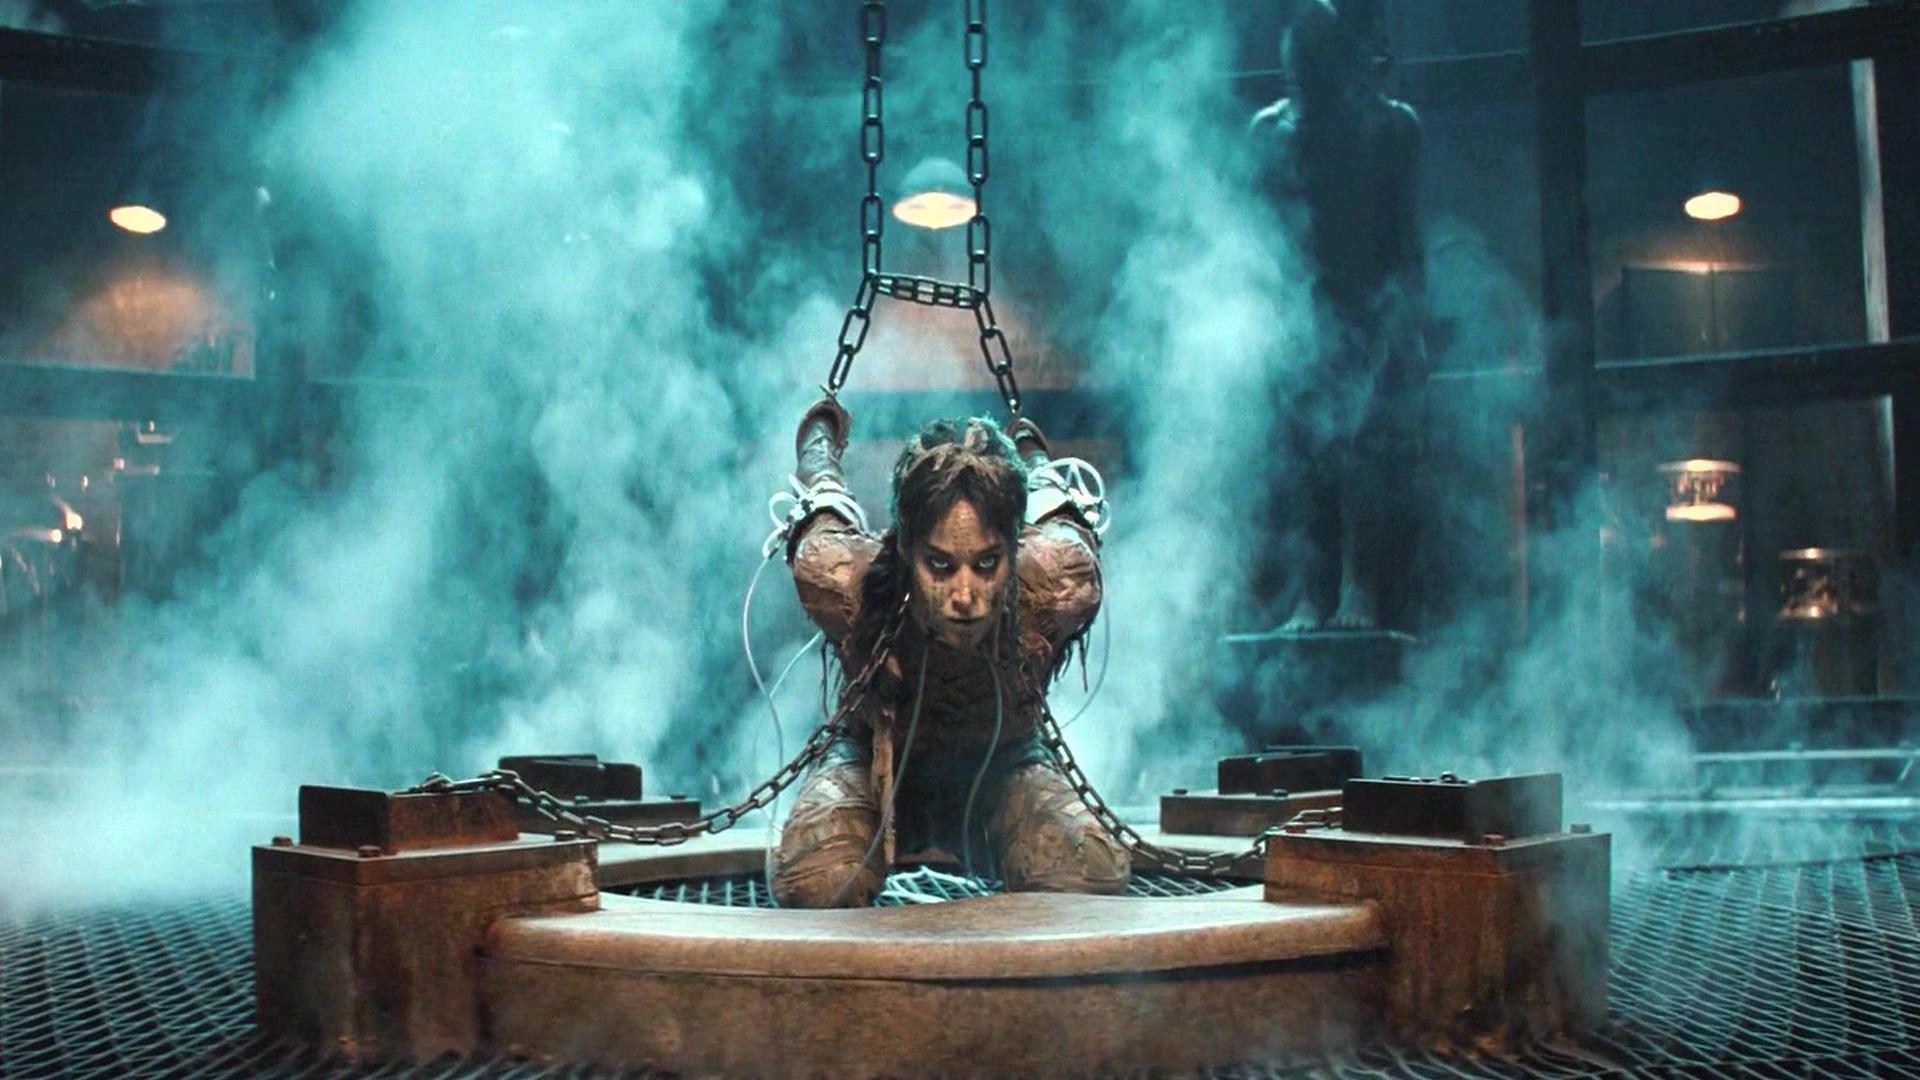 女木乃伊被困千年,逃出后想征服世界,不料却被吊起来打,奇幻片